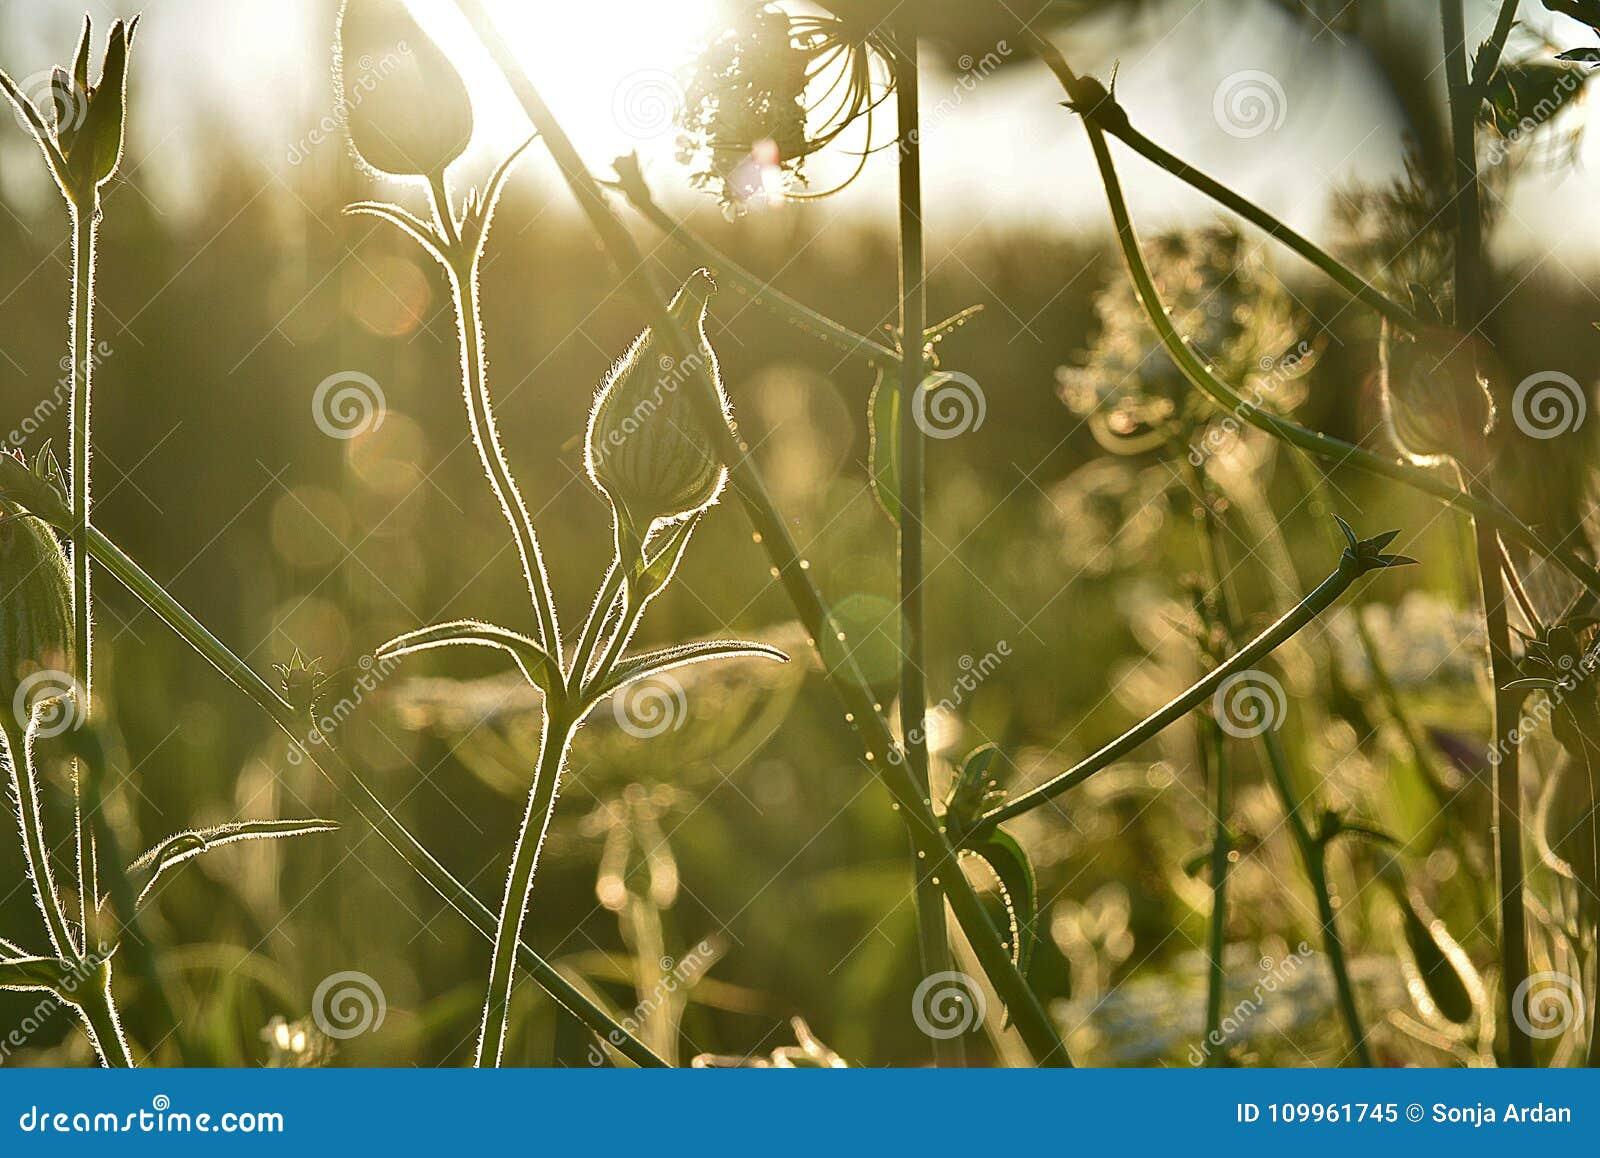 Sonnenlicht erhellt Wiesenanlagen, Garbe